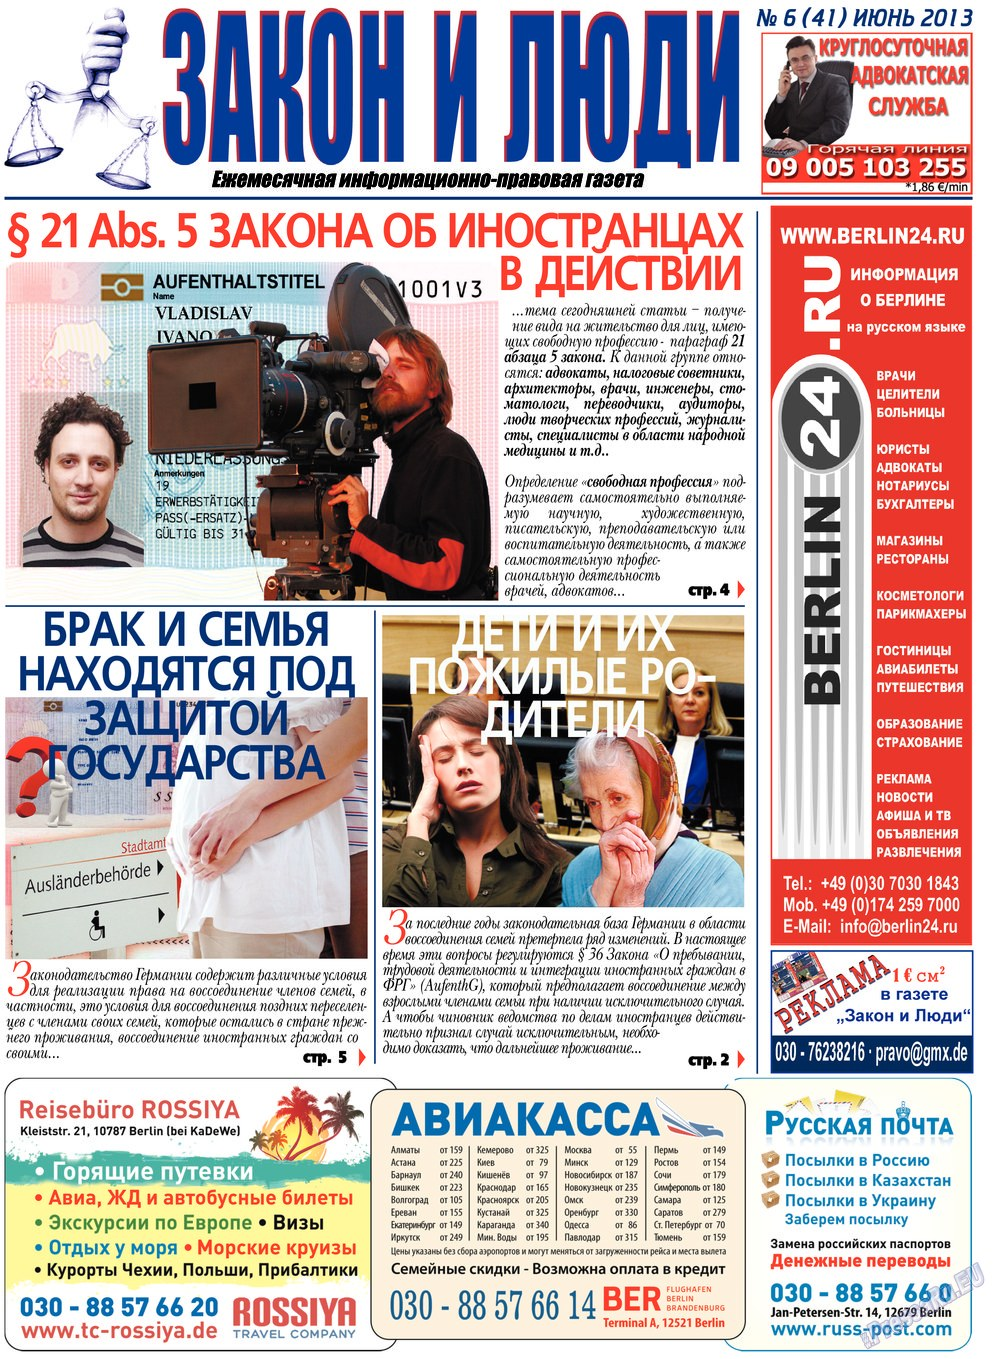 Закон и люди (газета). 2013 год, номер 6, стр. 1